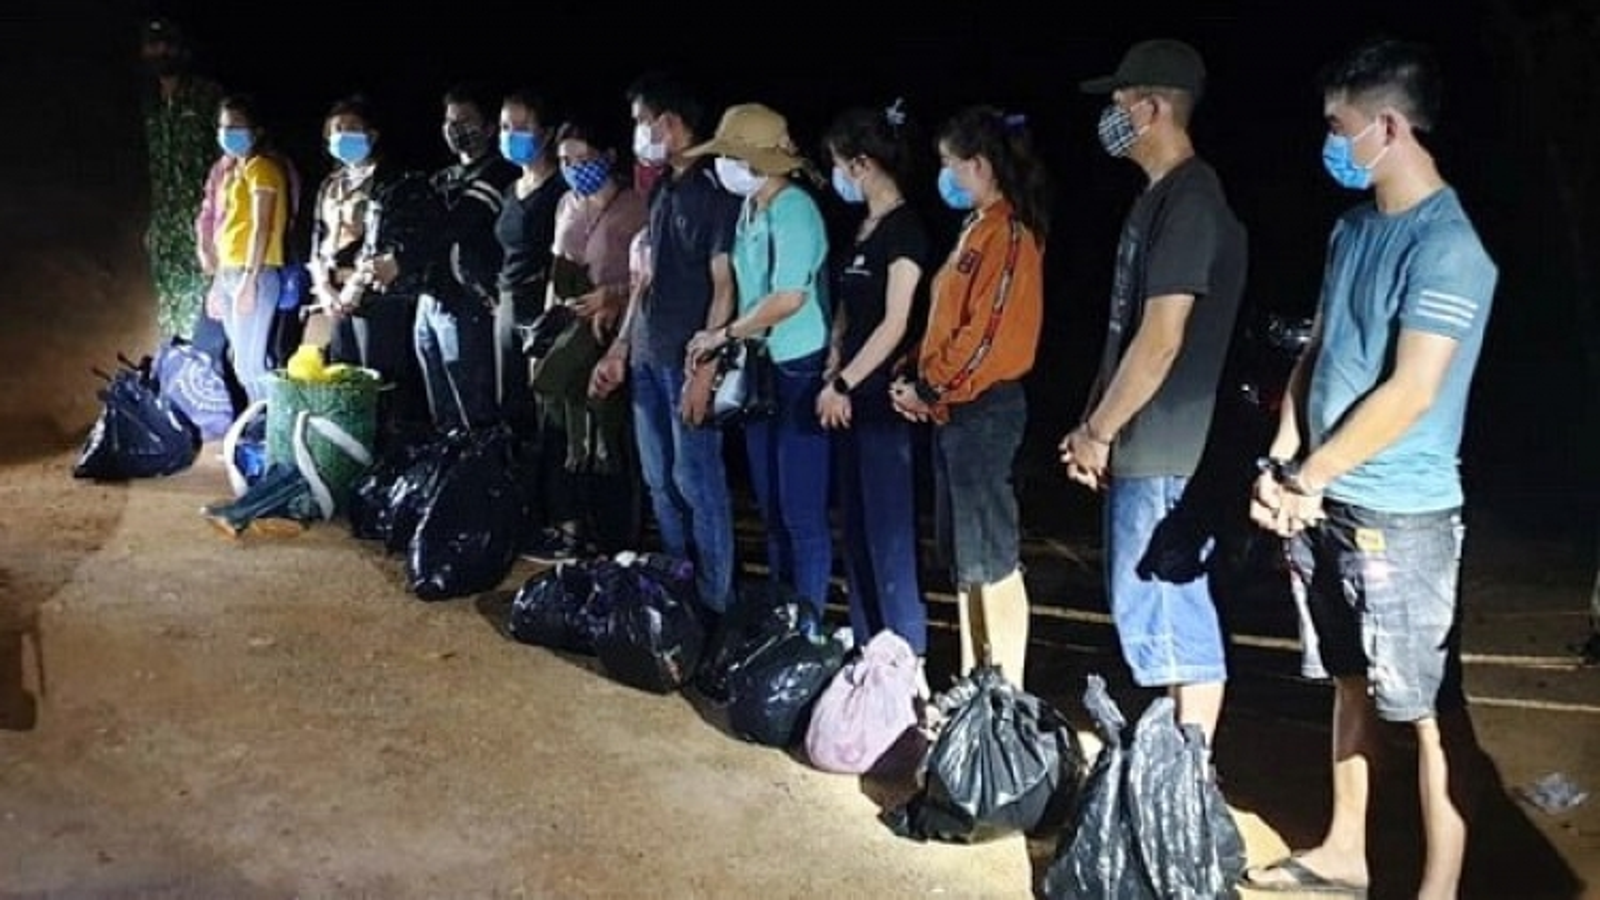 Quảng Trị: Tạm giữ 13 người xuất cảnh trái phép trong đêm